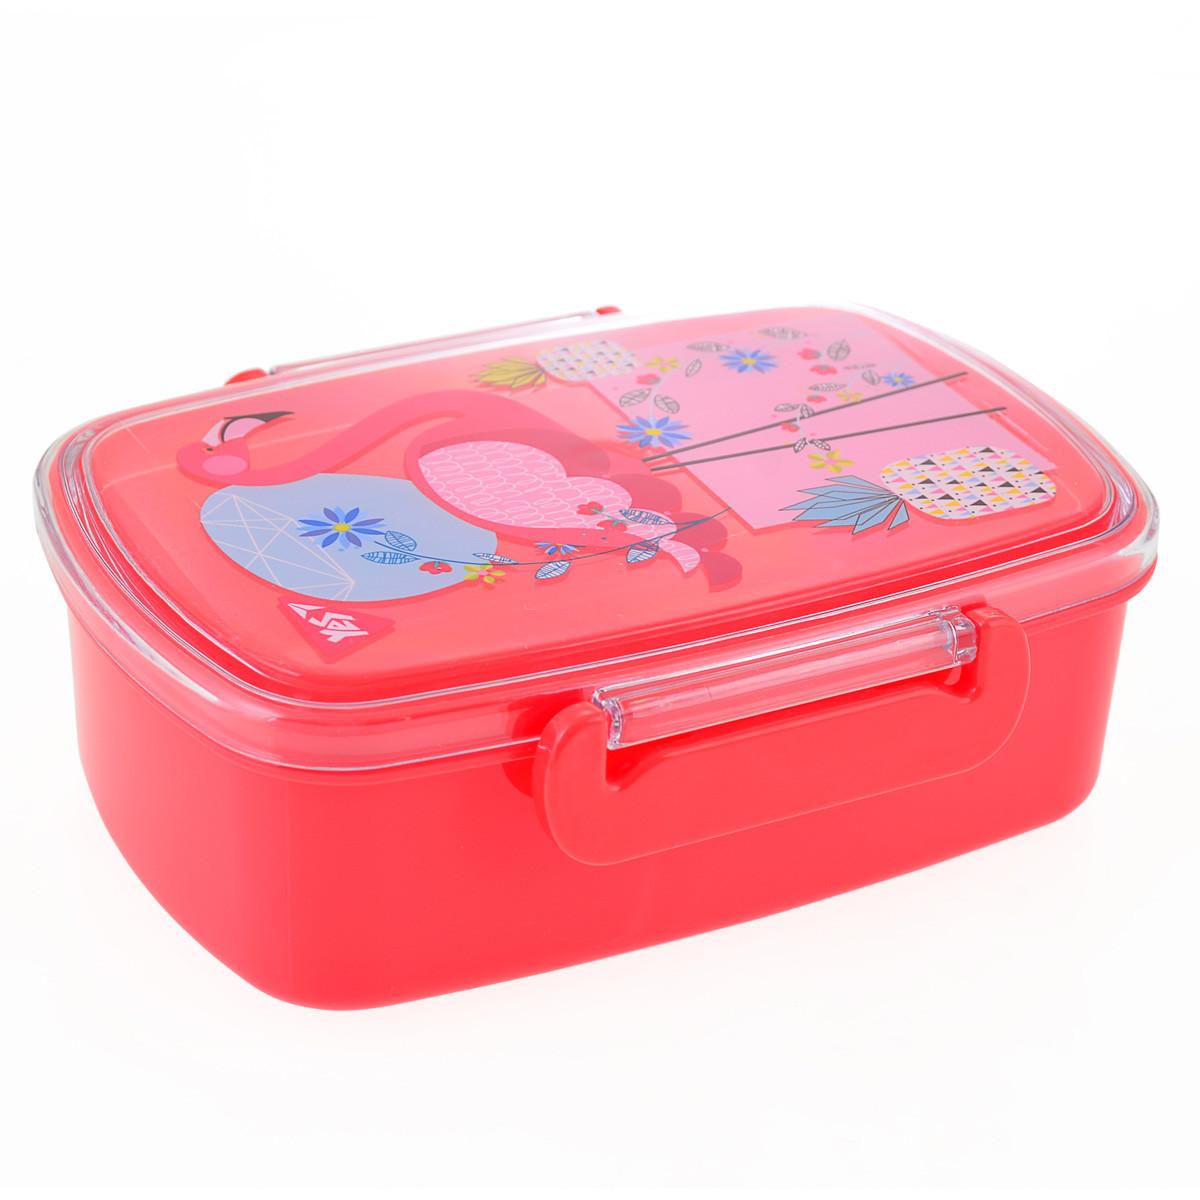 Контейнер для еды Flamingo 750 мл код:706858